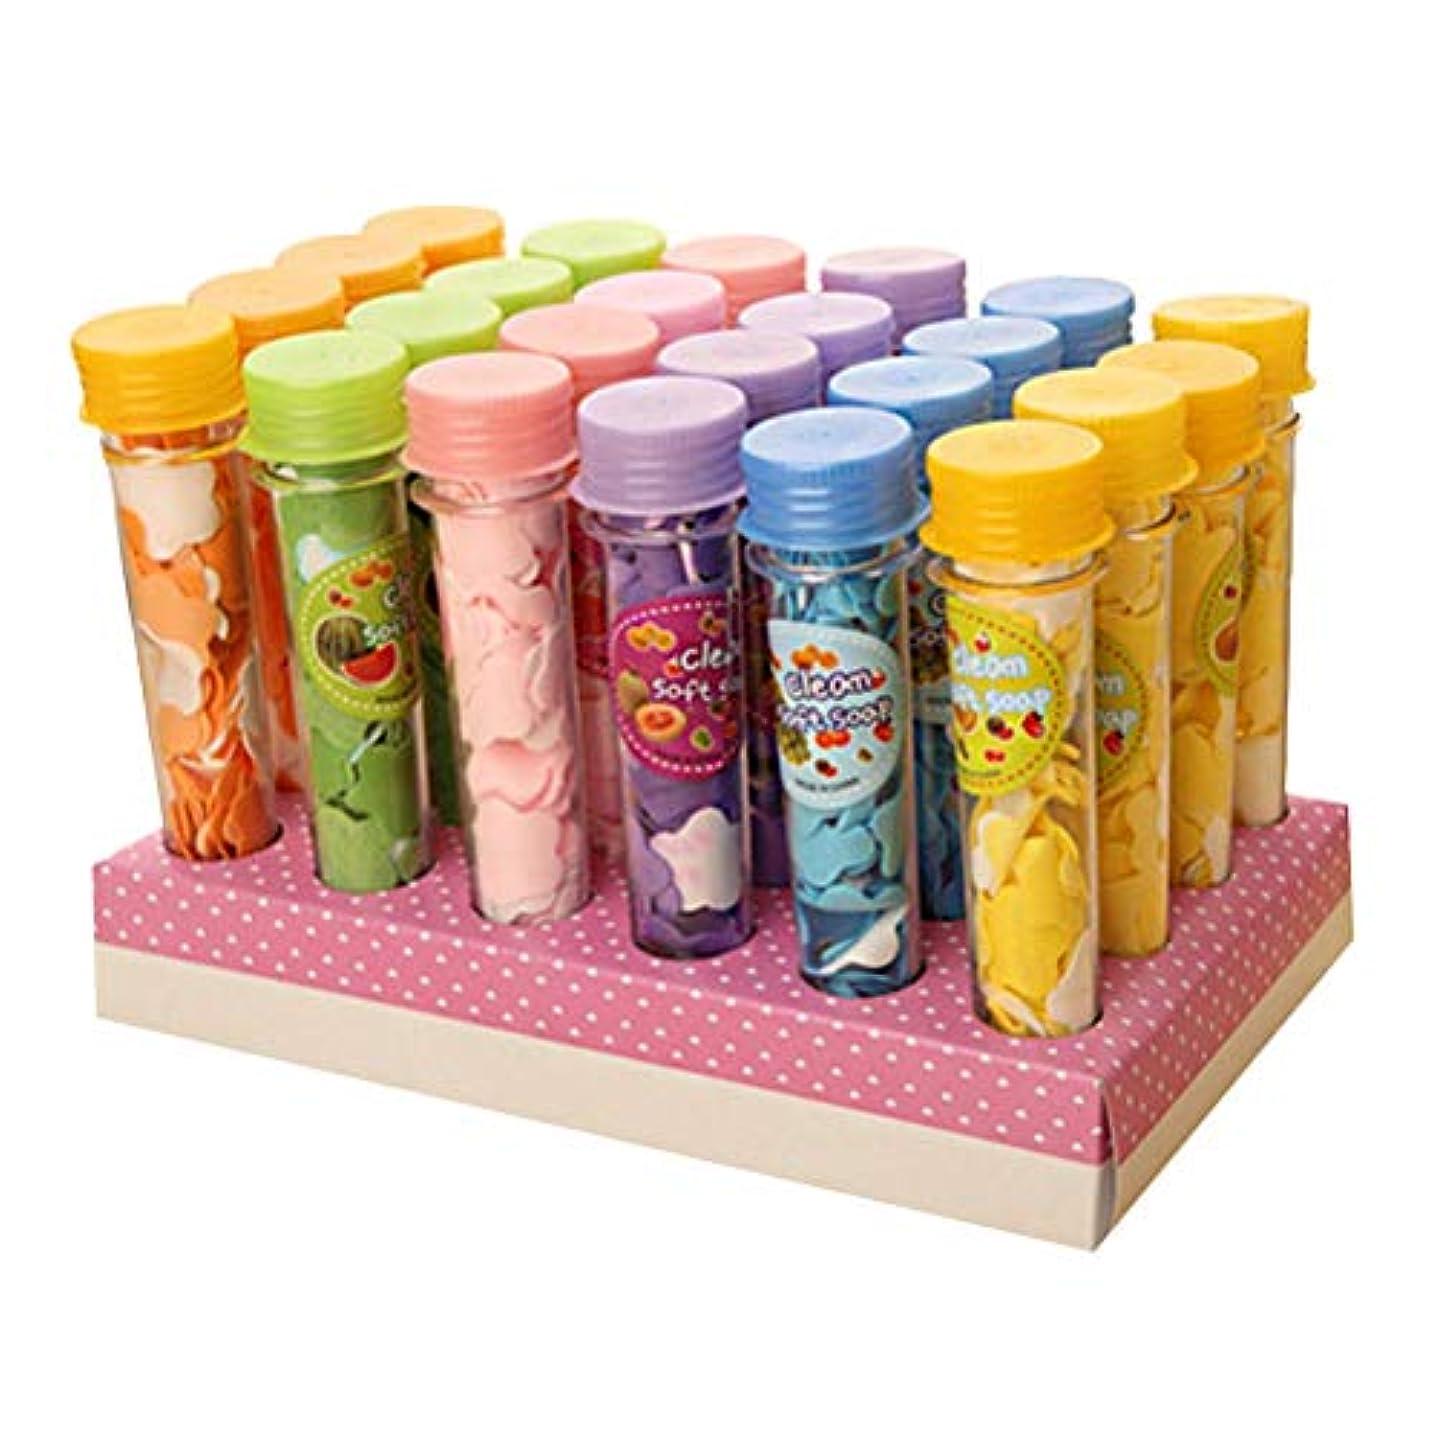 TOPBATHY 石鹸用紙シーツポータブル石鹸フレークトラベルハンドソープアウトドアキャンプハイキング用石鹸3pcs(ランダムカラー)